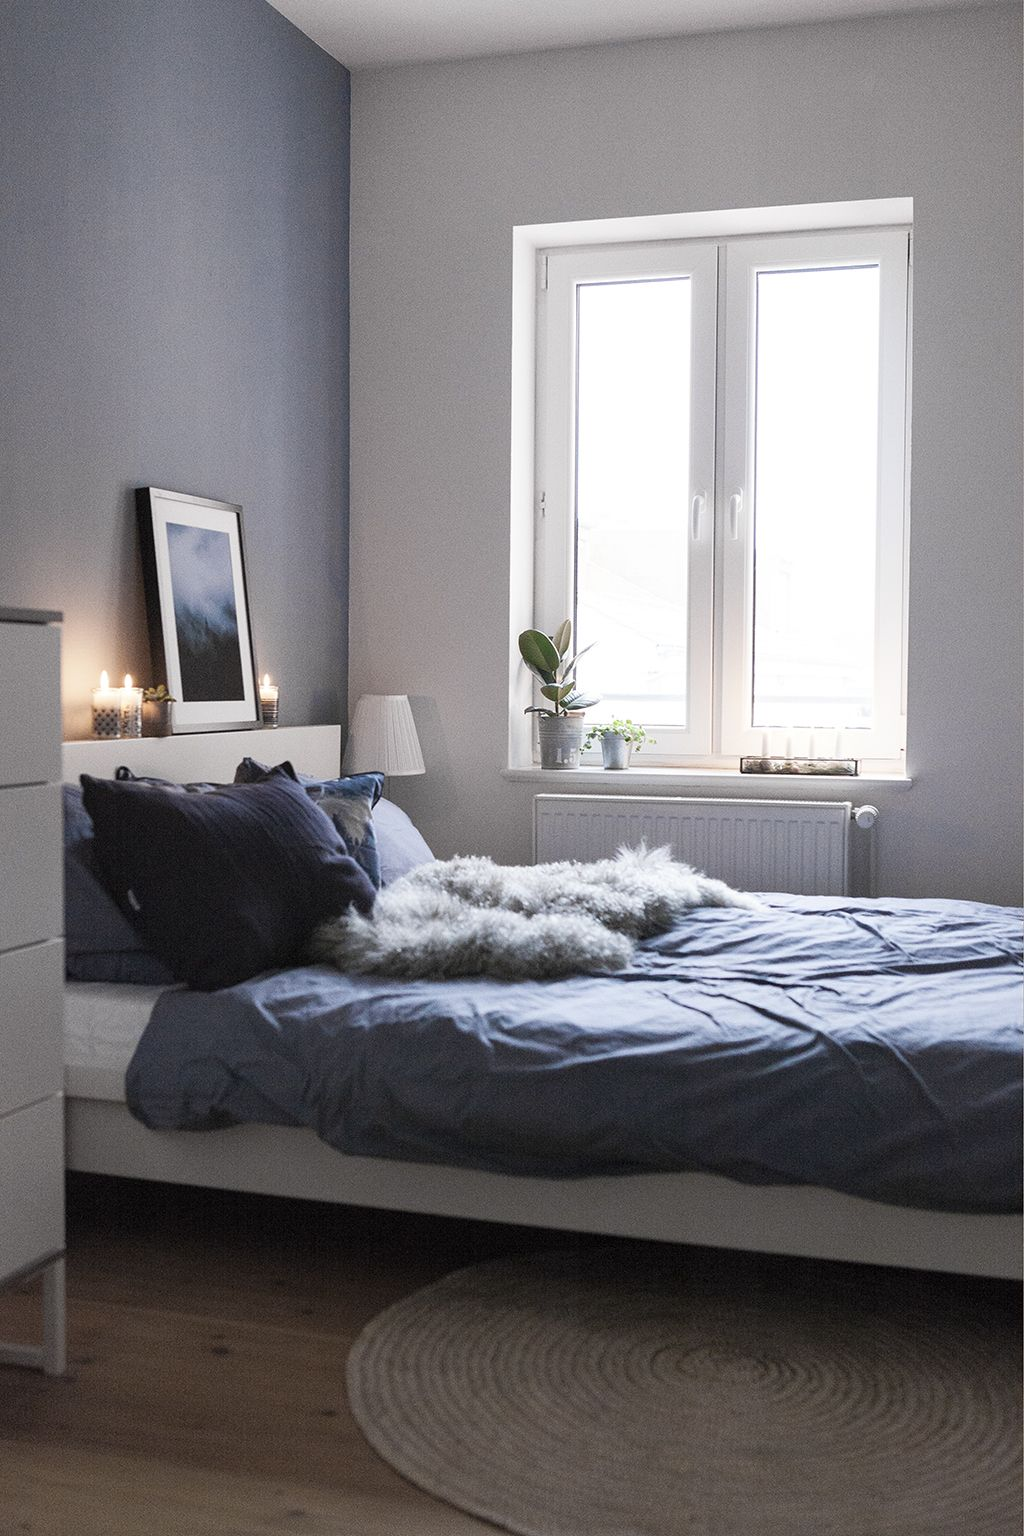 Neue Wohnung  Neue Ideen  Schlafzimmer  BEDROOM  Schlafzimmer ideen Schlafzimmer und